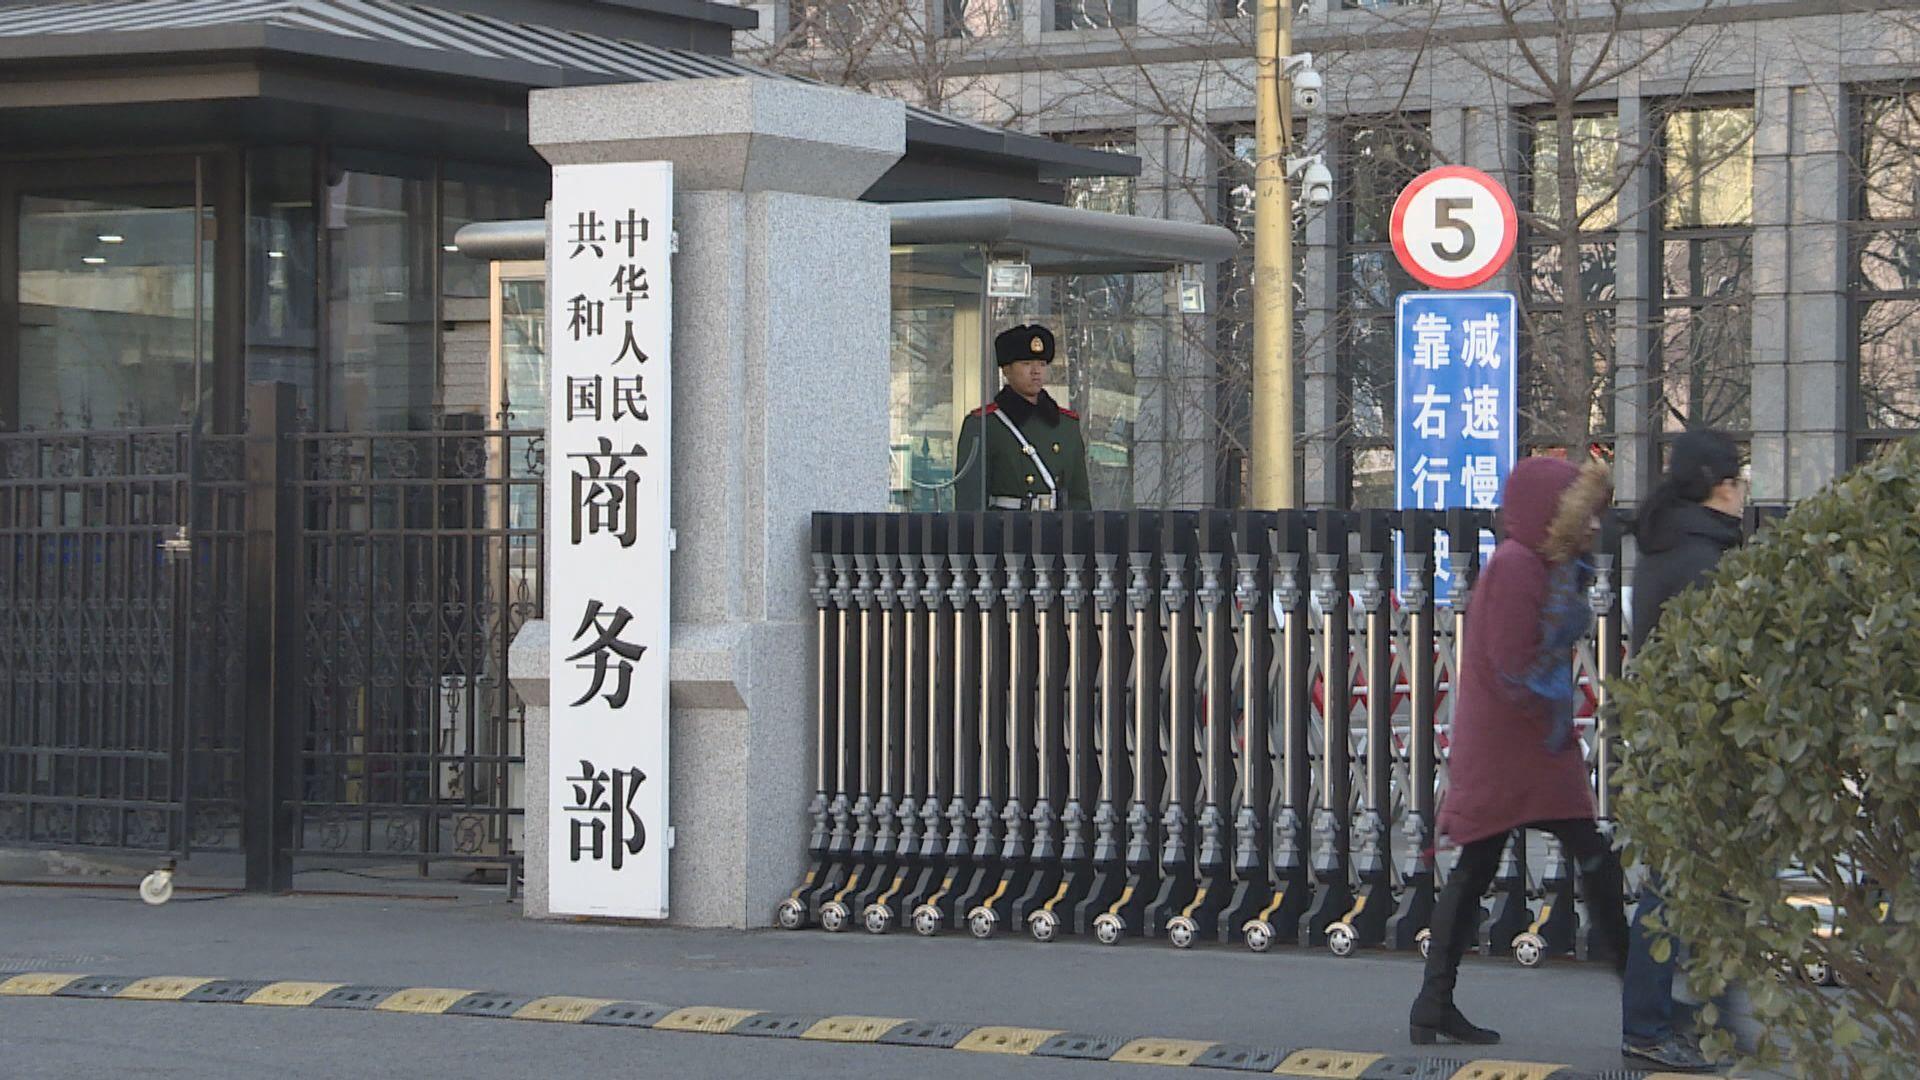 印度永久禁用59款中國應用程式 中方:堅決反對